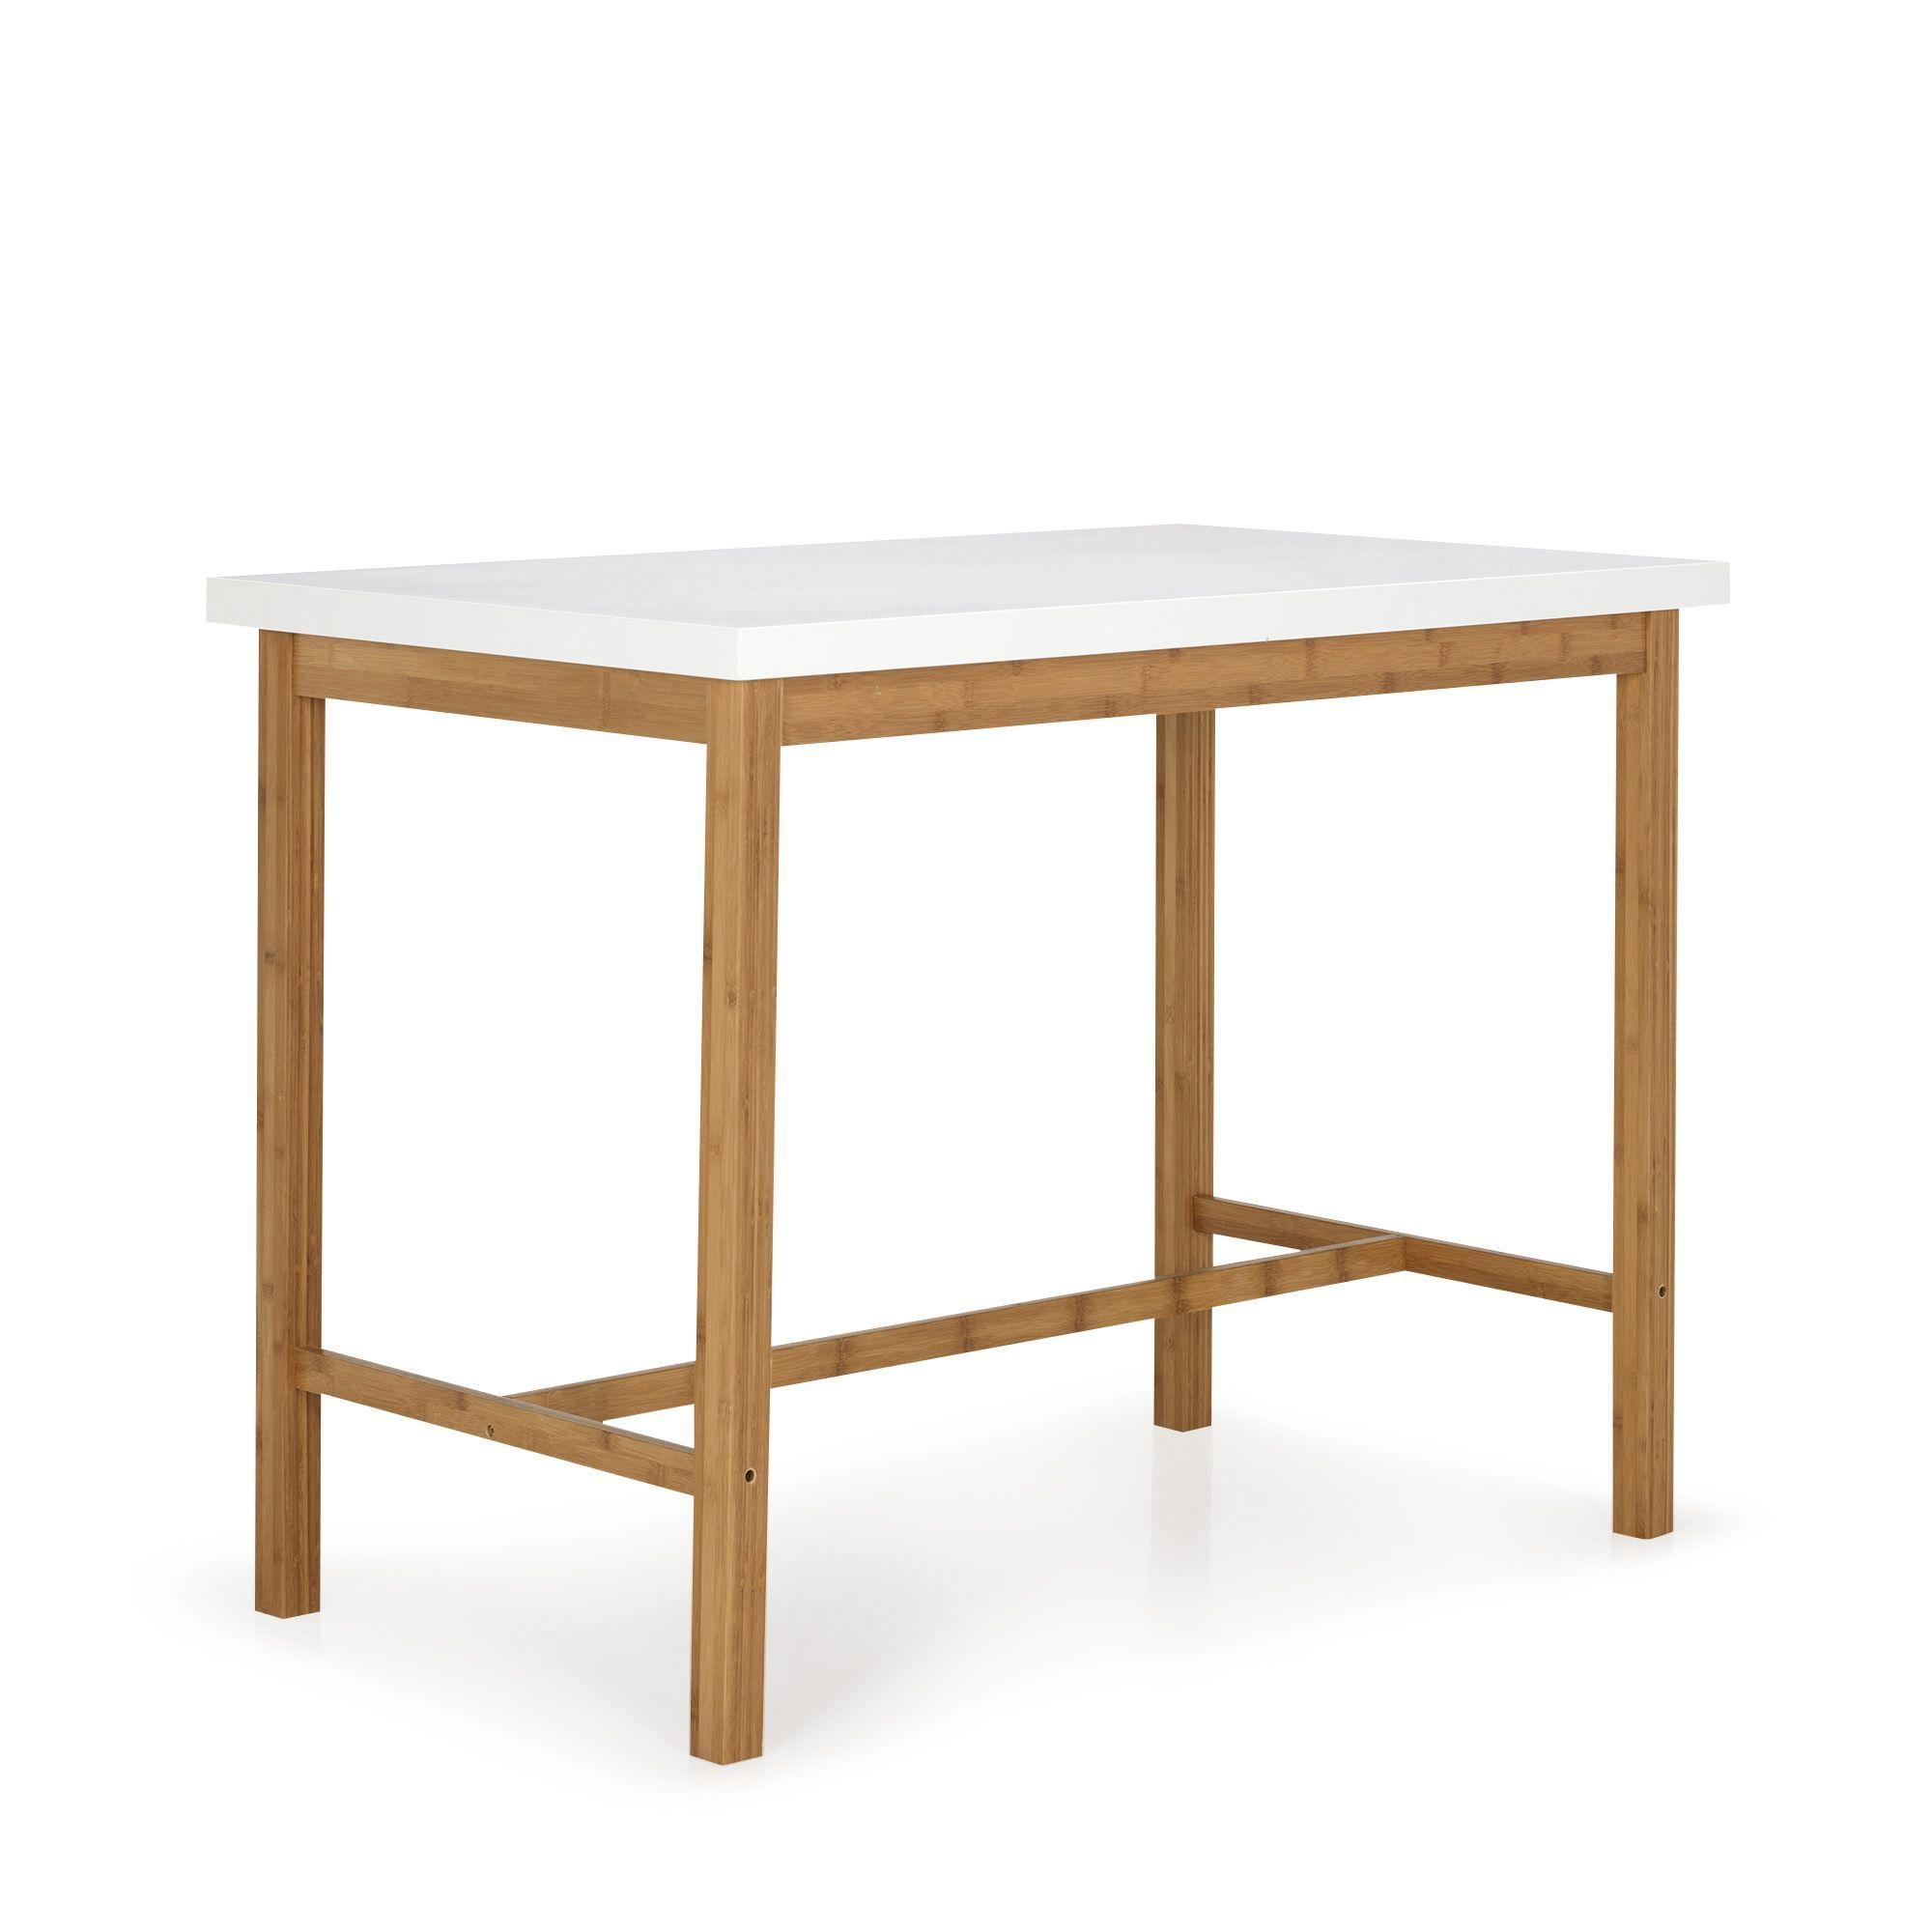 Table Haute Blanche Et Naturelle H90cm Blanc Naturel Buluh Tables Hautes Et Bars Tables Et Chaises Table Haute Mobilier De Salon Meuble Salle A Manger